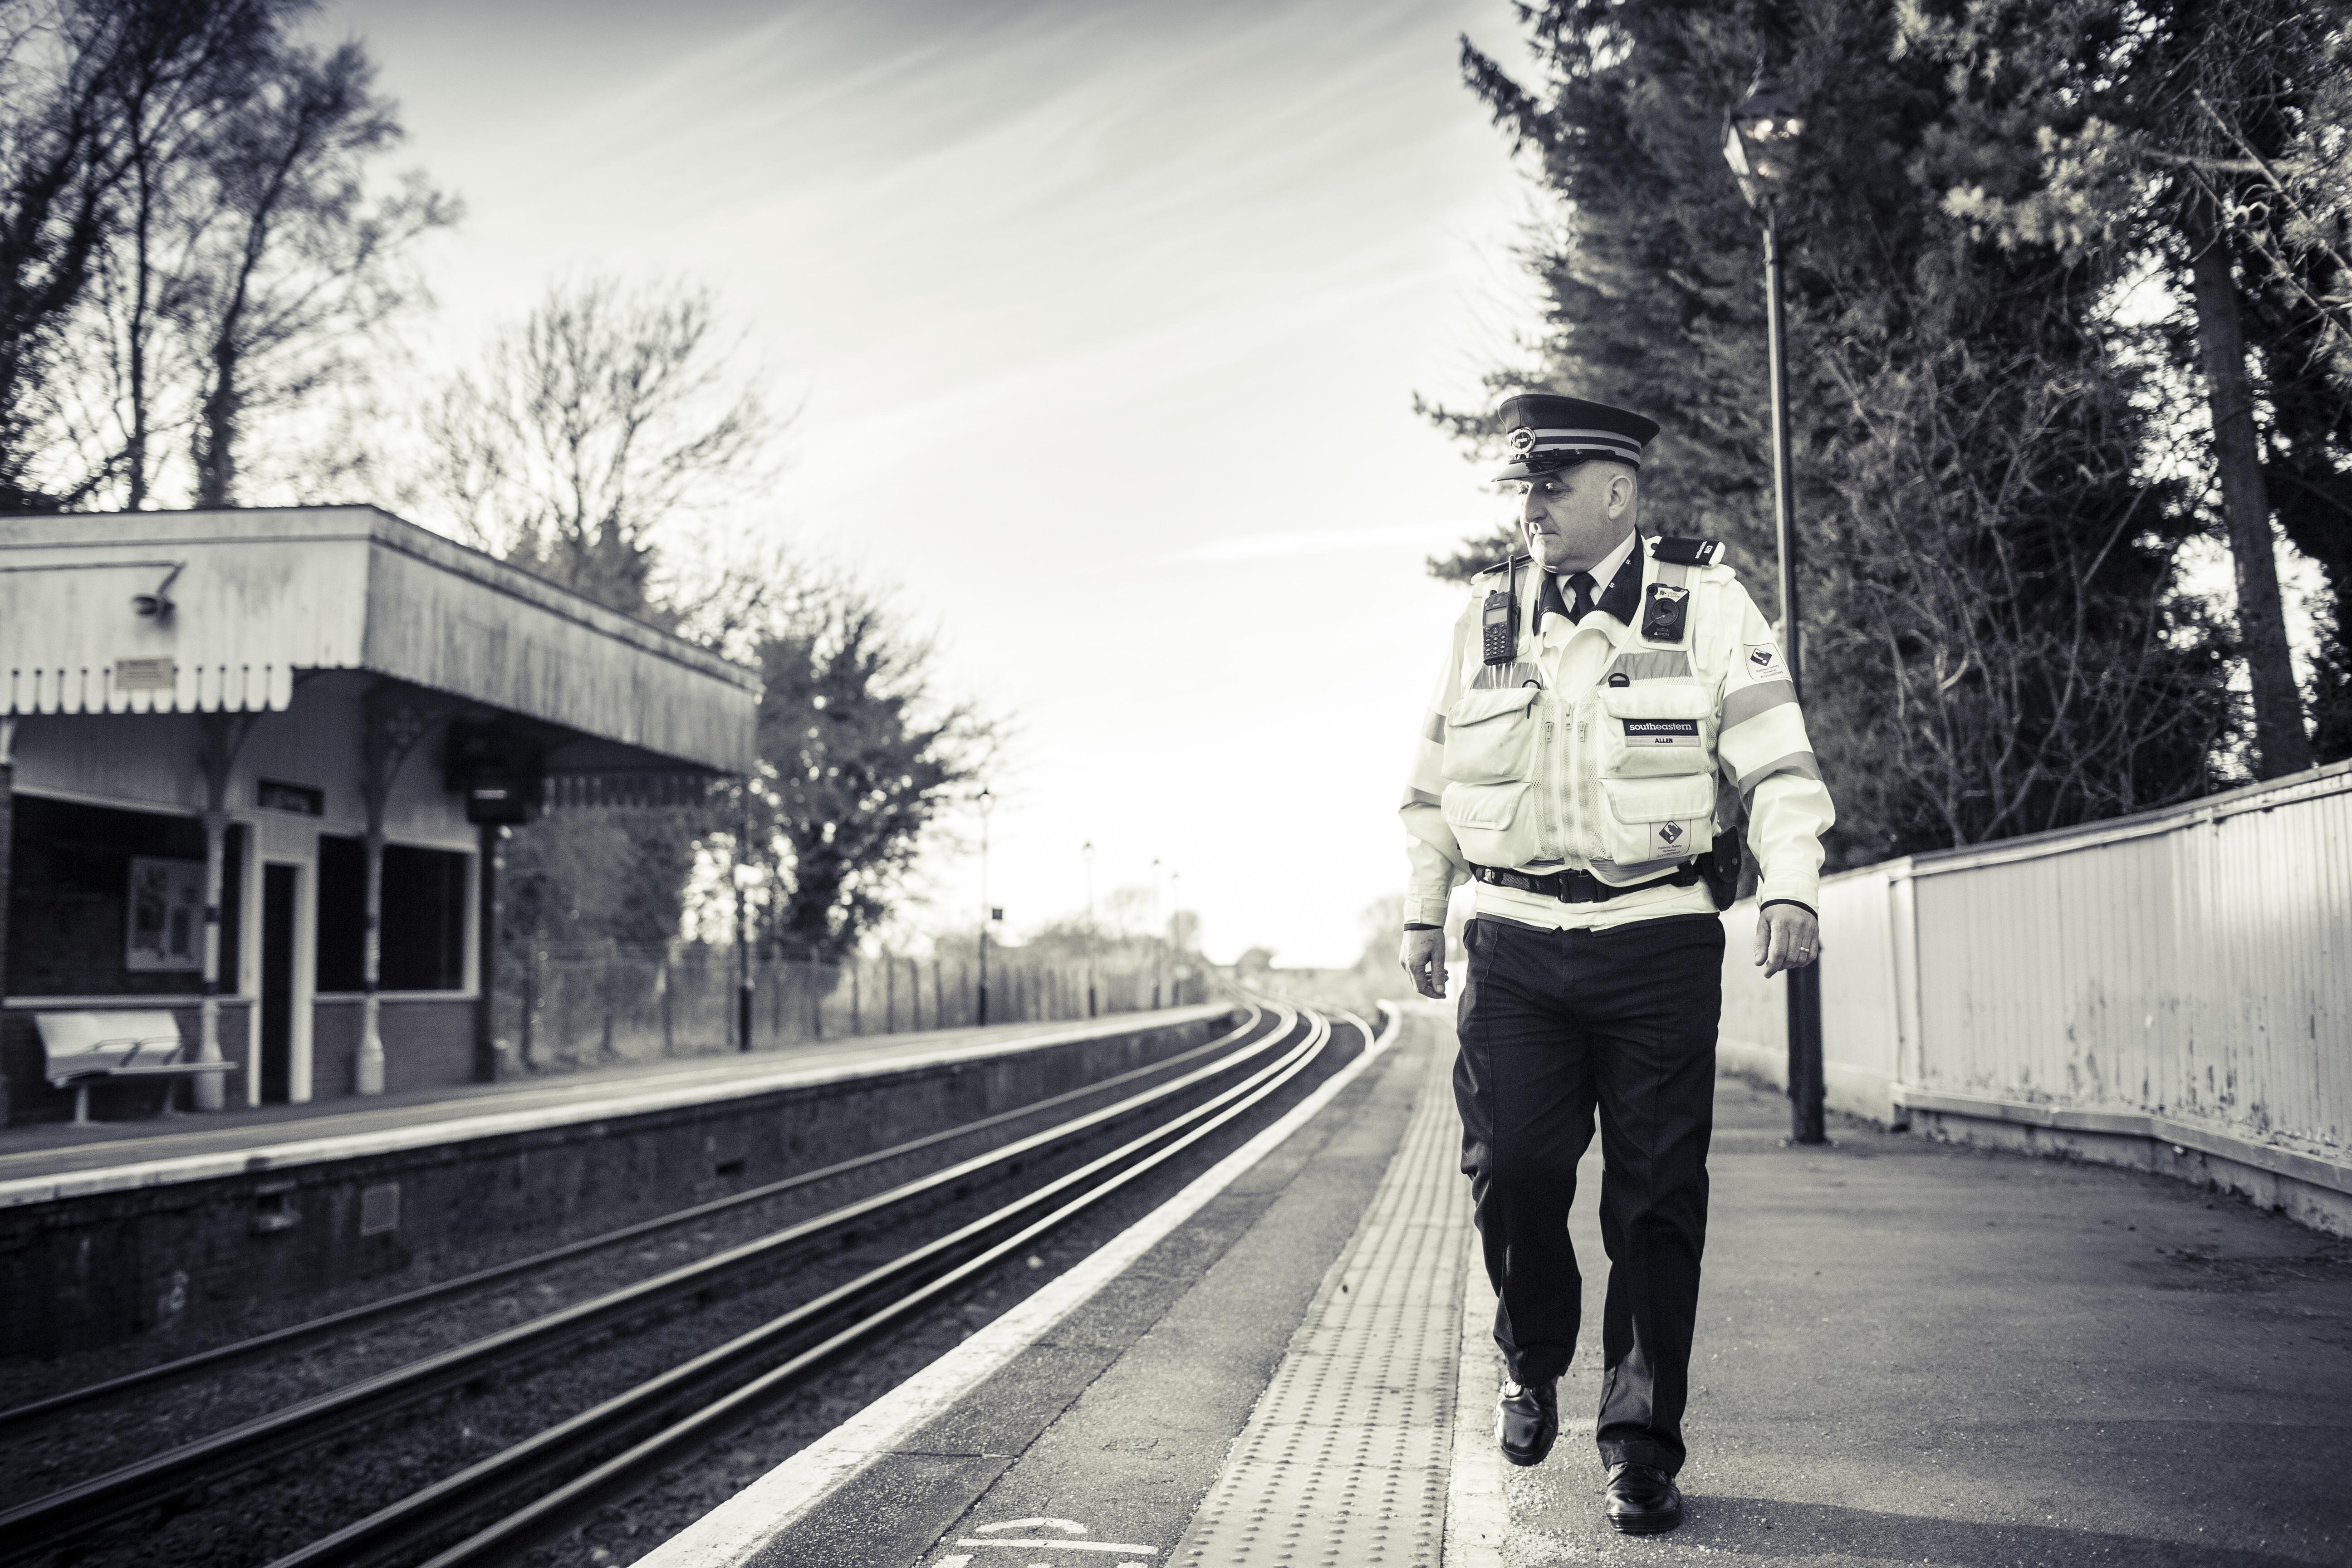 Southeastern Revenue Protection Officer walking along station platform